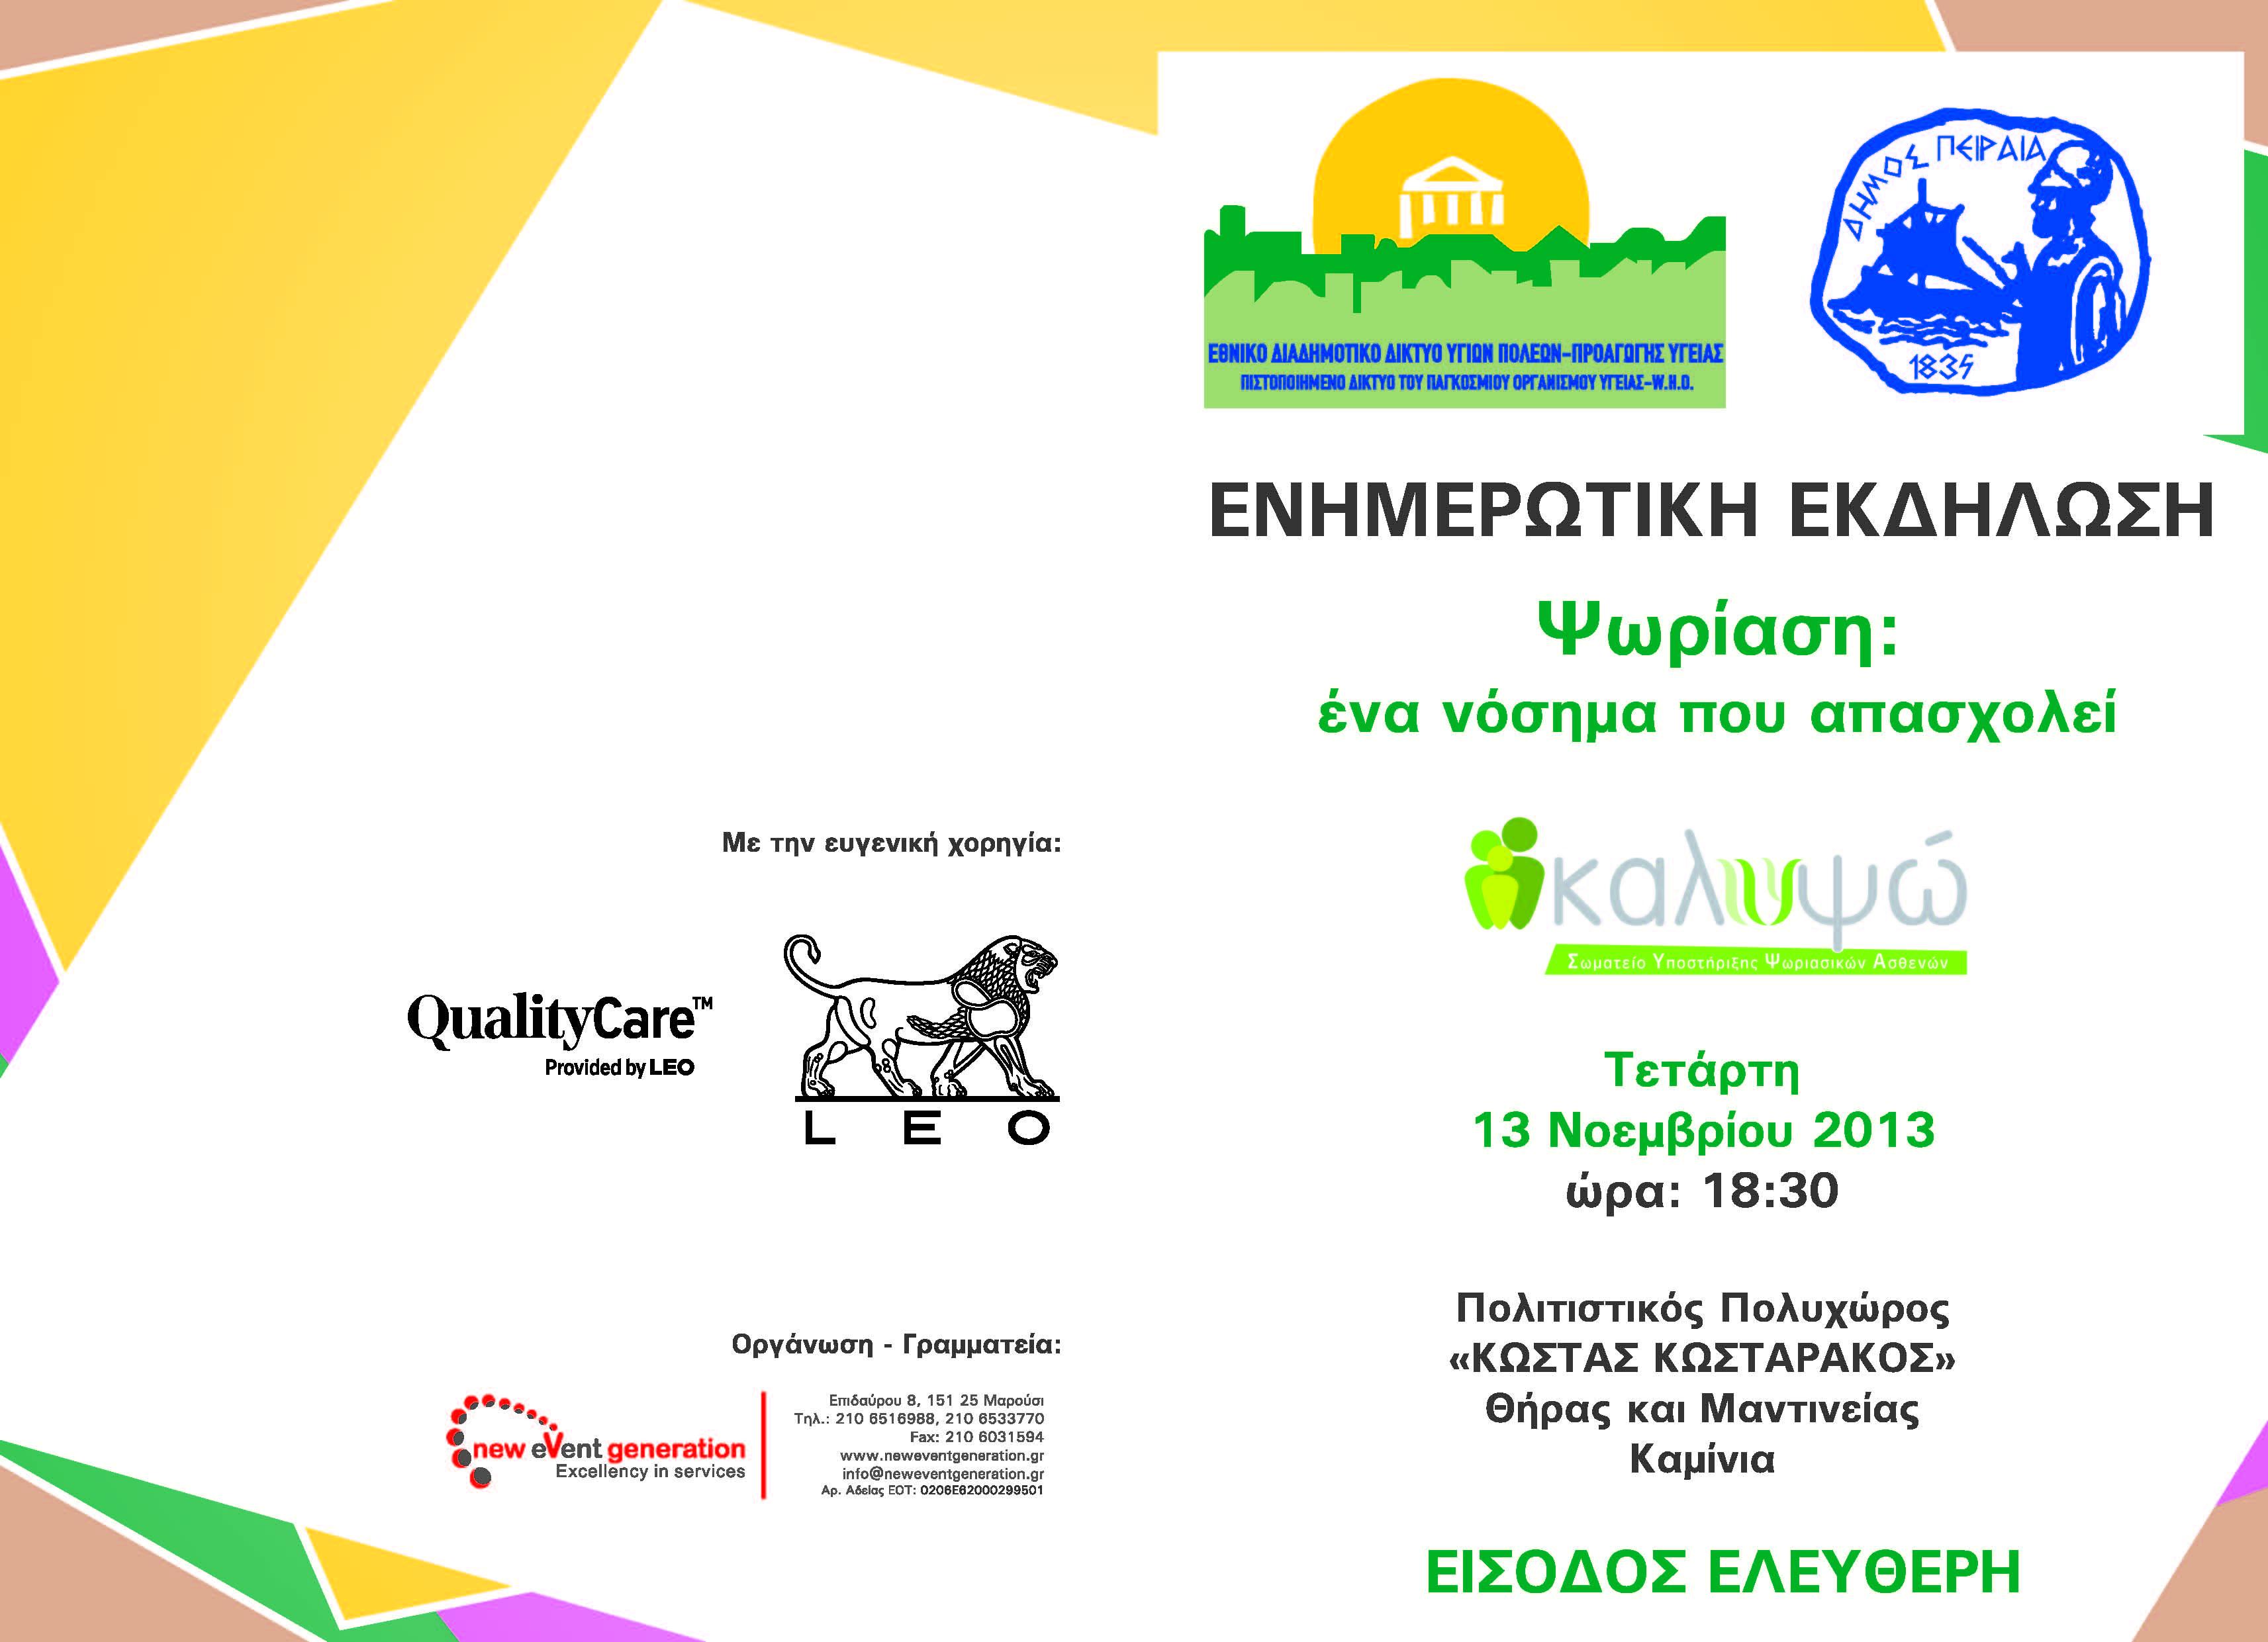 Ψωρίαση: εκδήλωση από το Δήμο Πειραιά